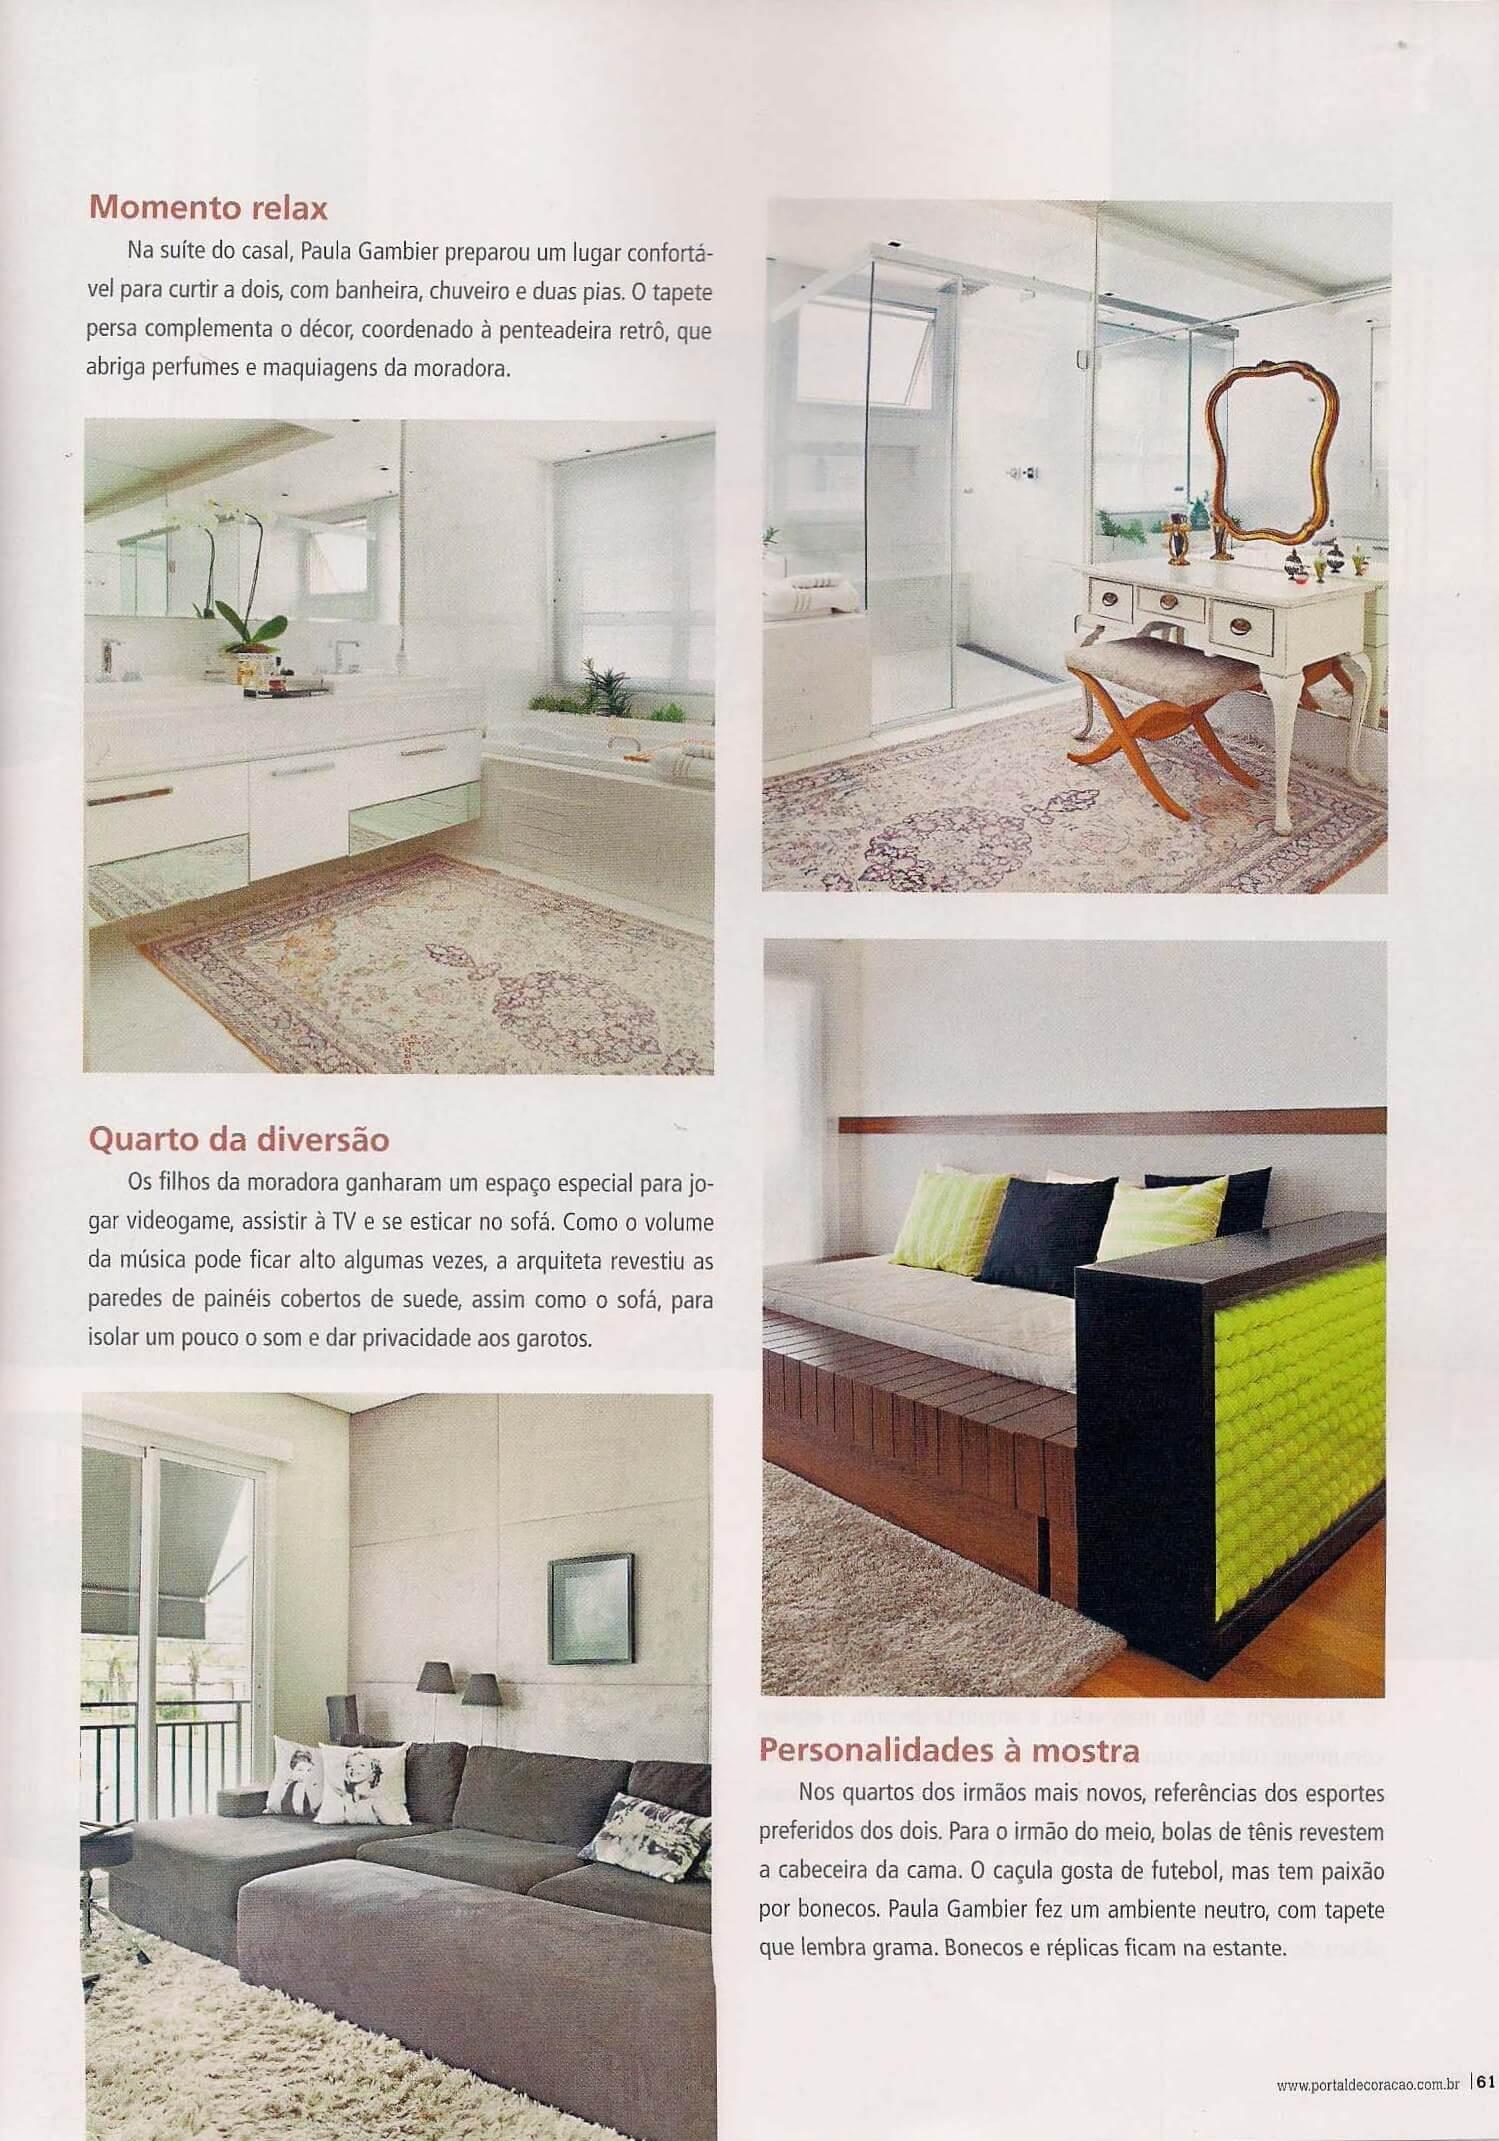 Casa & Decoracao   - out  2012 - 5